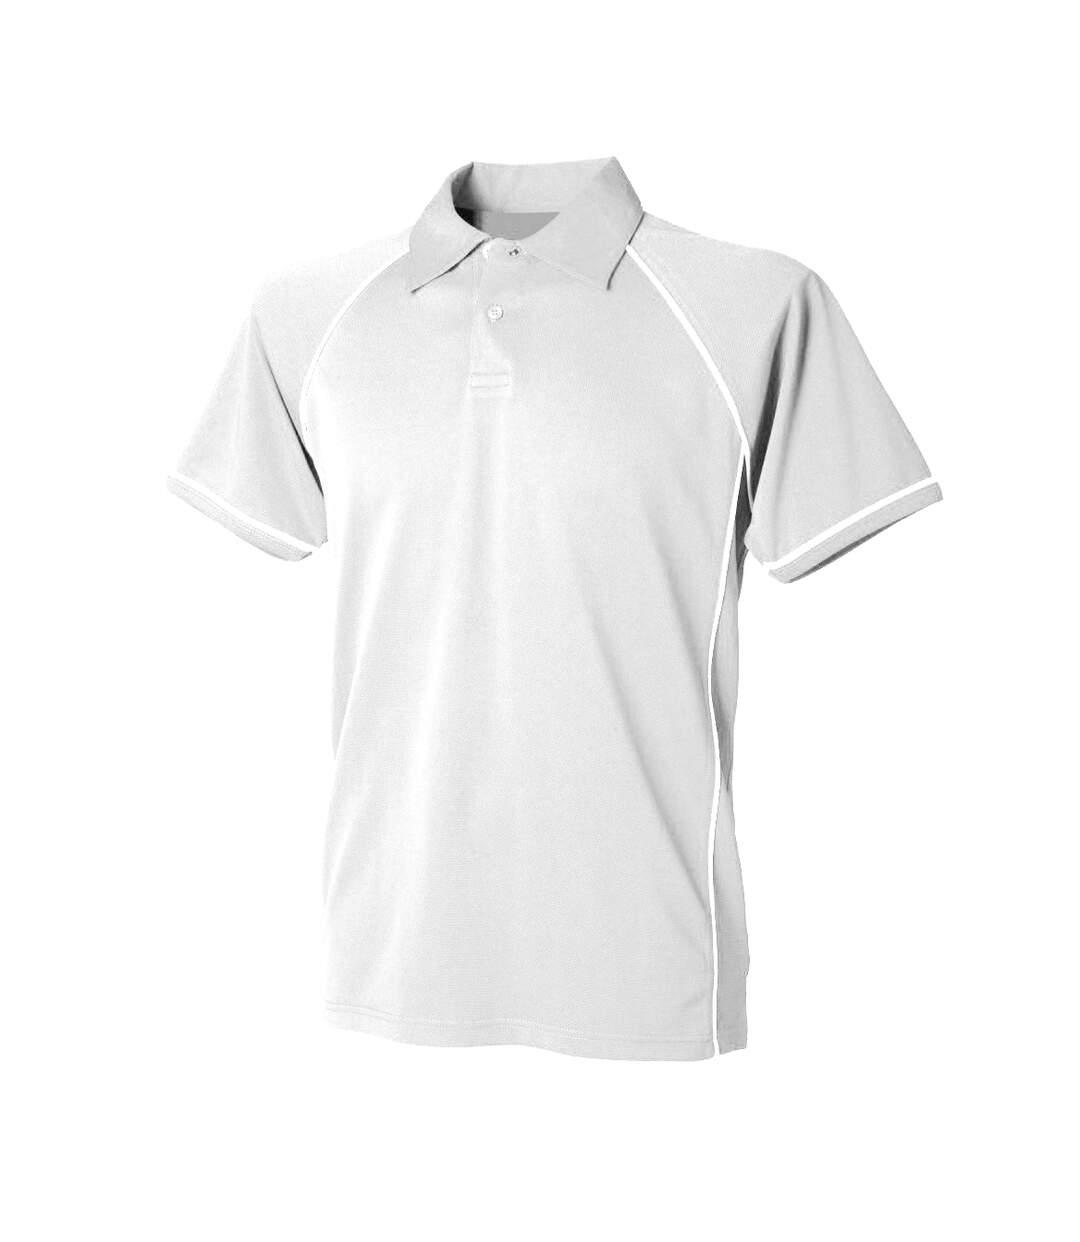 Finden & Hales - Polo Sport À Manches Courtes - Homme (Blanc/Blanc) - UTRW427